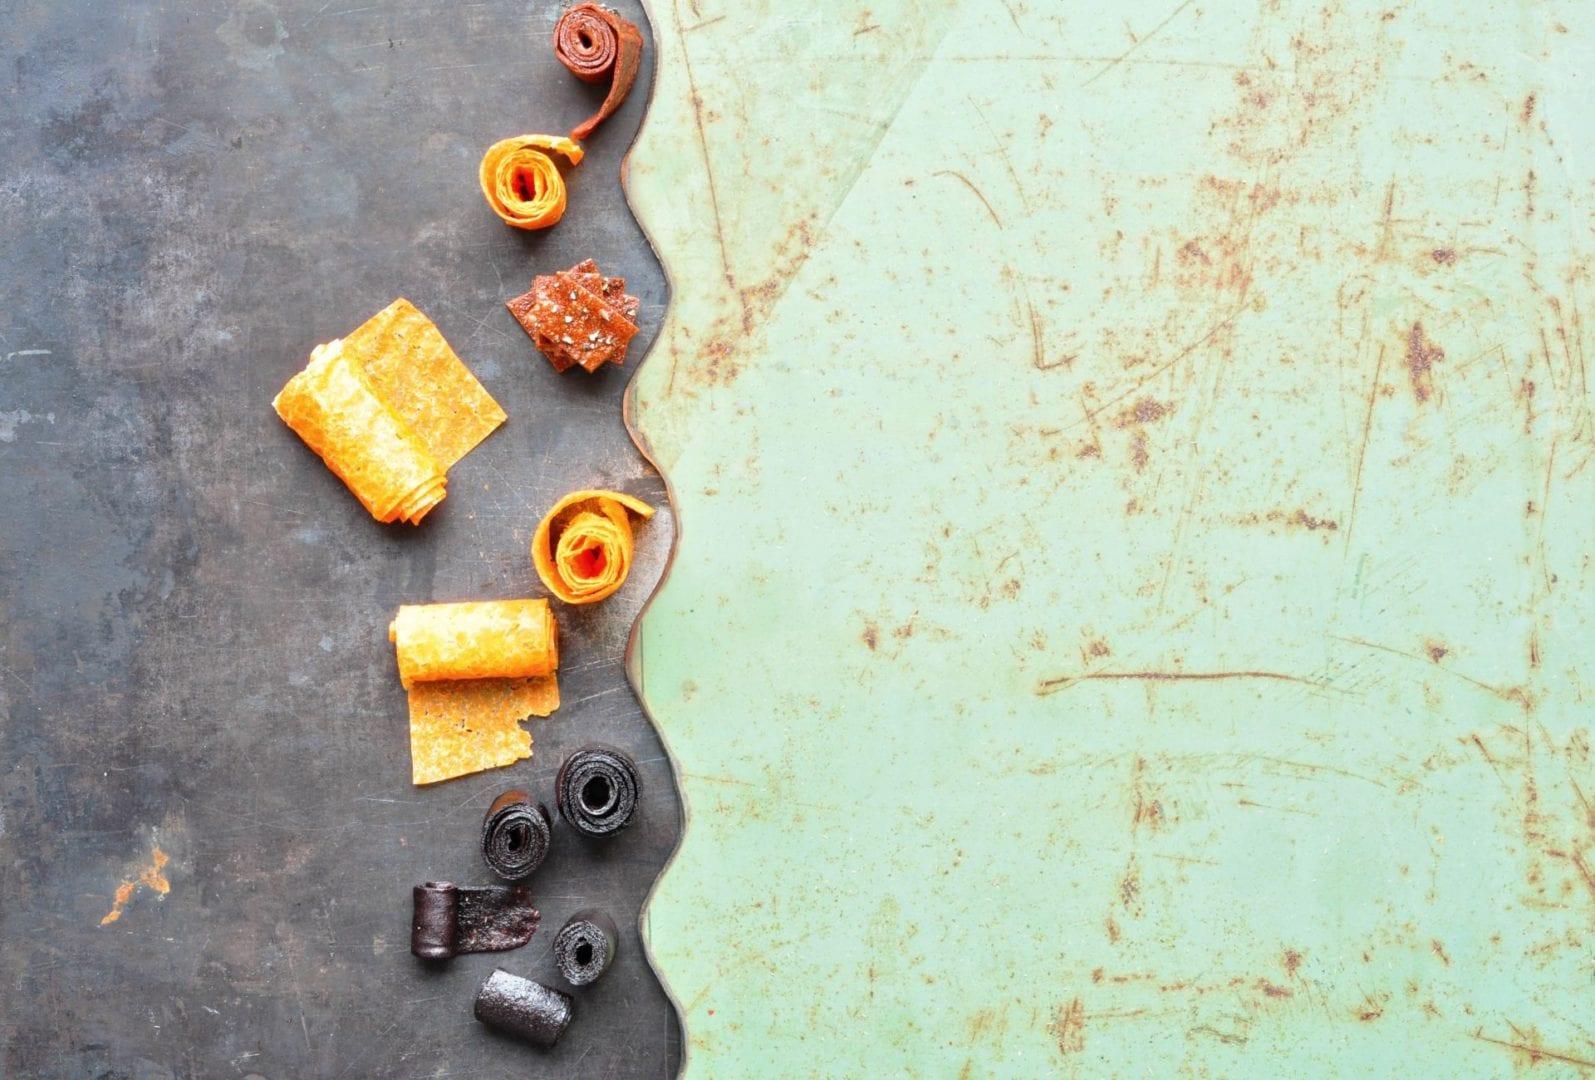 Fruit leather tastecelebration com österlen.se